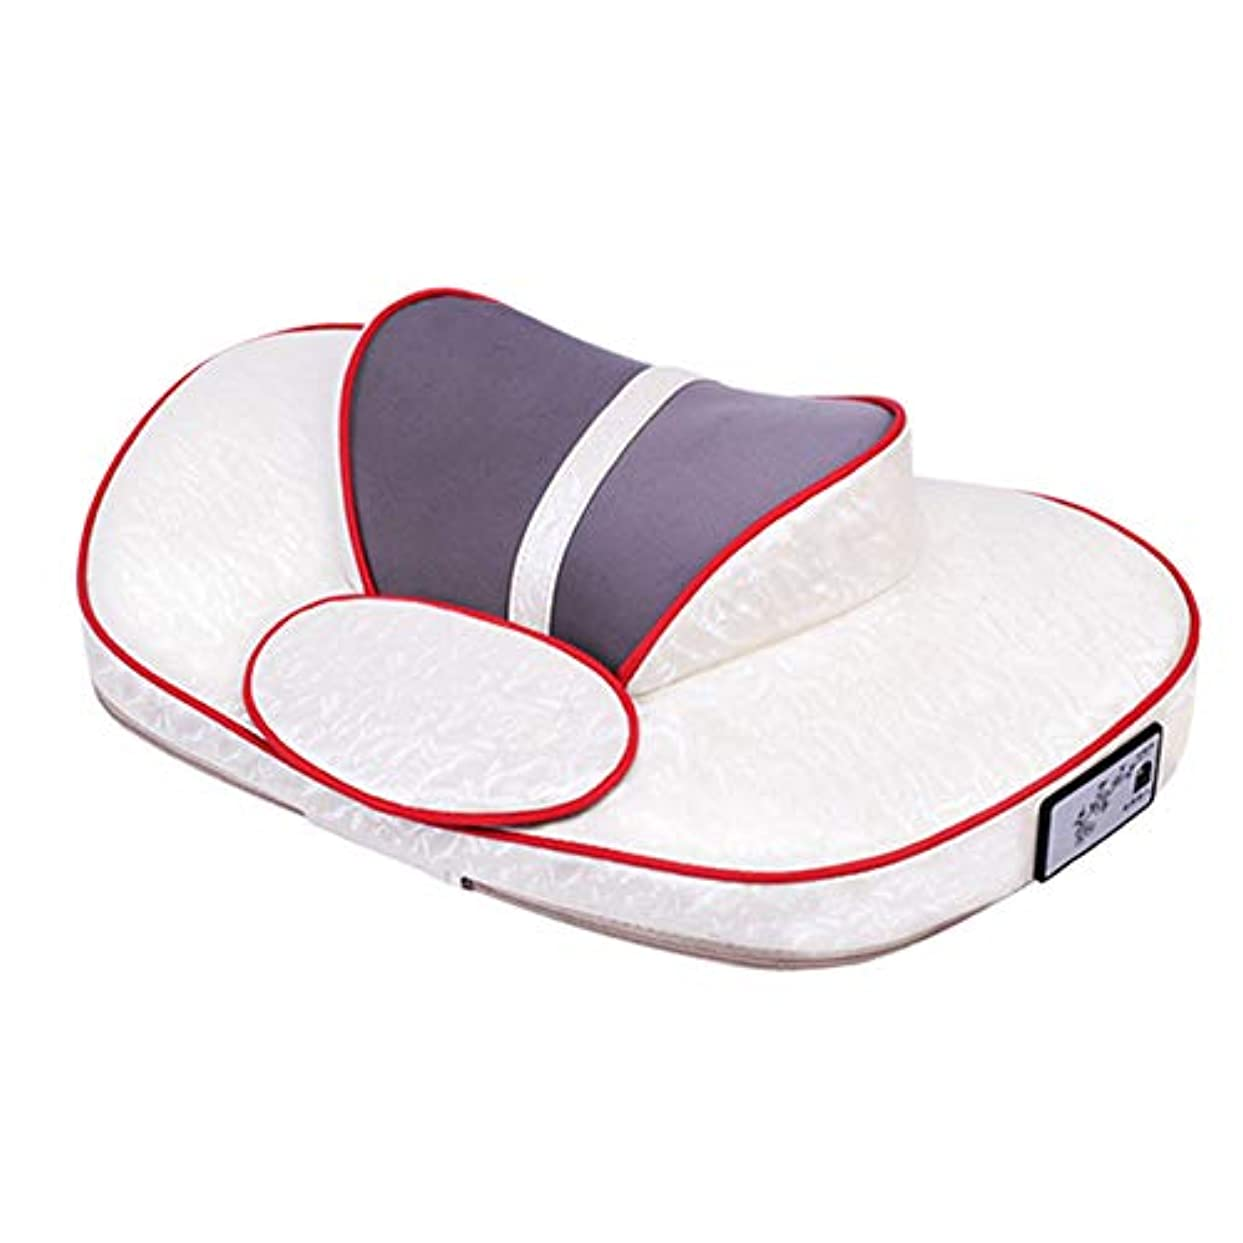 牽引頸部マッサージ、家庭用多機能インテリジェントボディネックウエストショルダー暖房を和らげる痛み枕パッドネック楽器,White